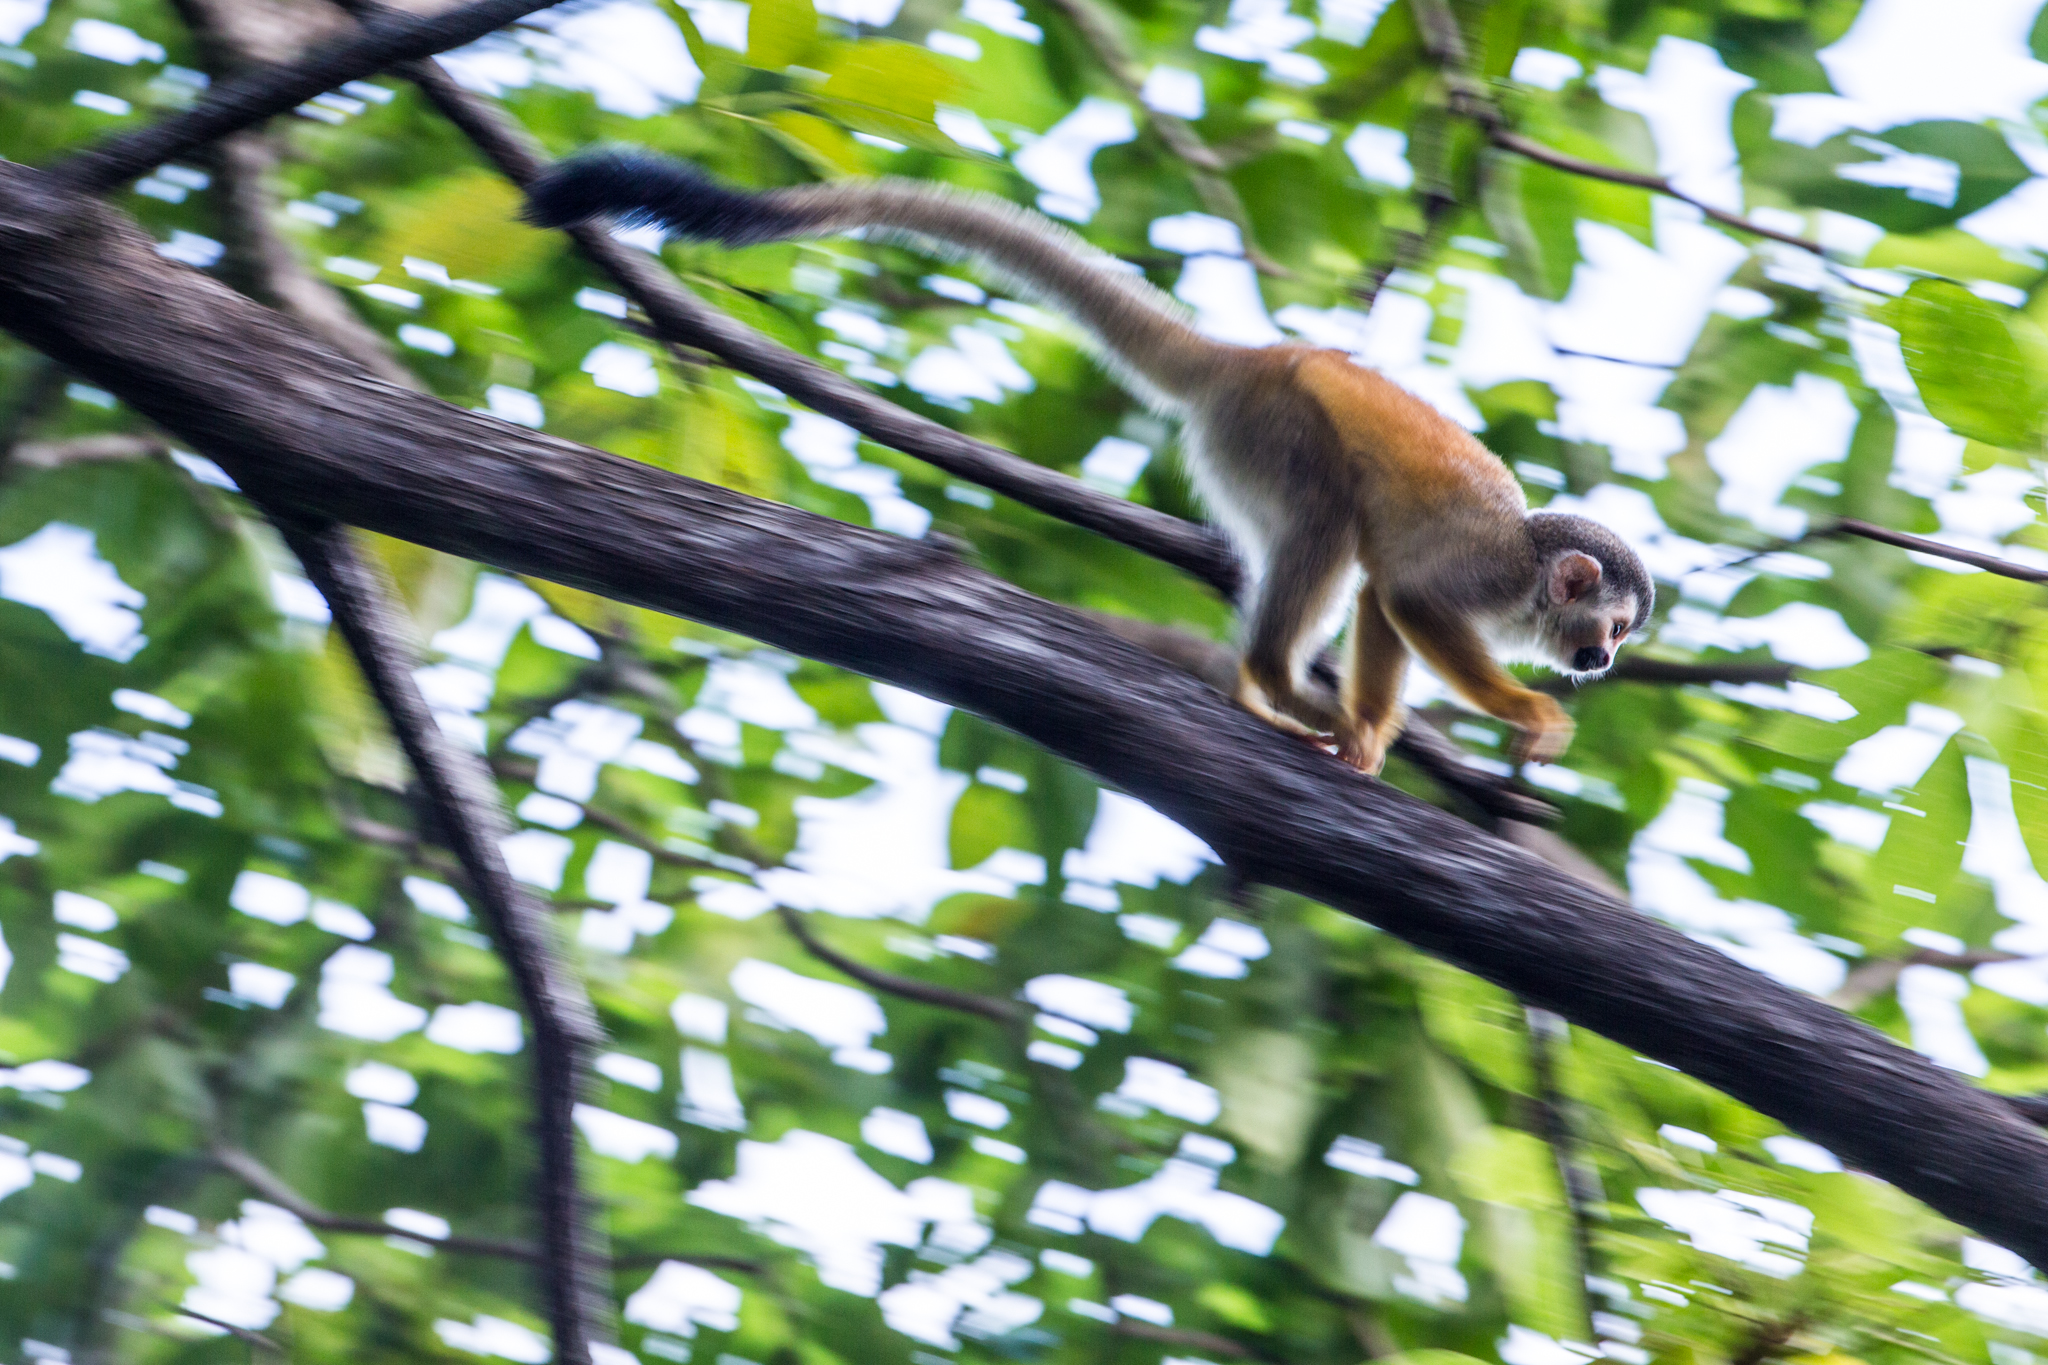 Monkey Motion